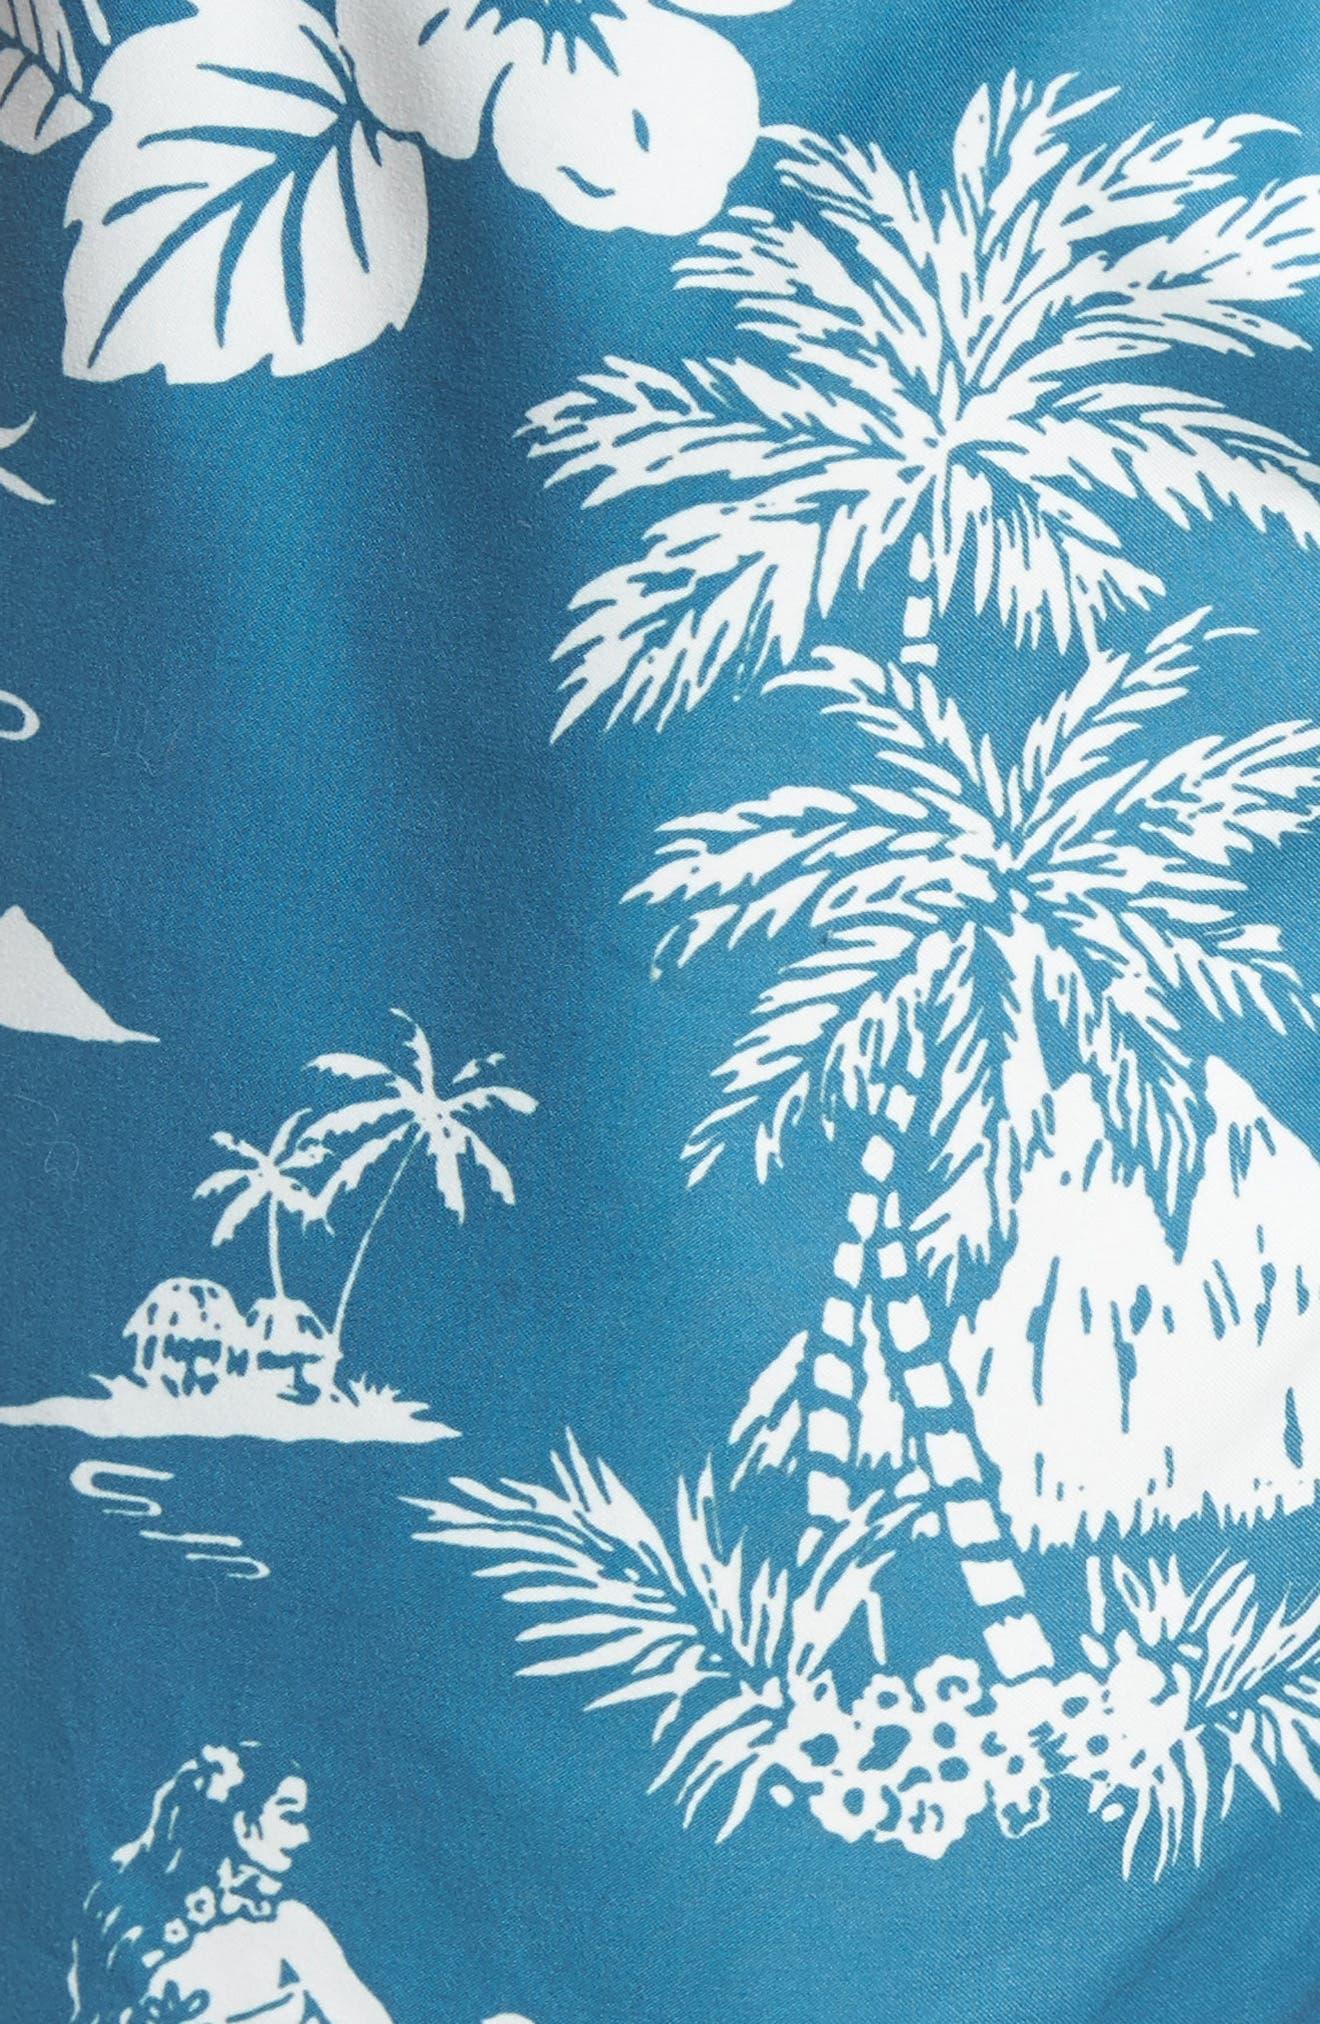 Outrigger Print Swim Trunks,                             Alternate thumbnail 5, color,                             400